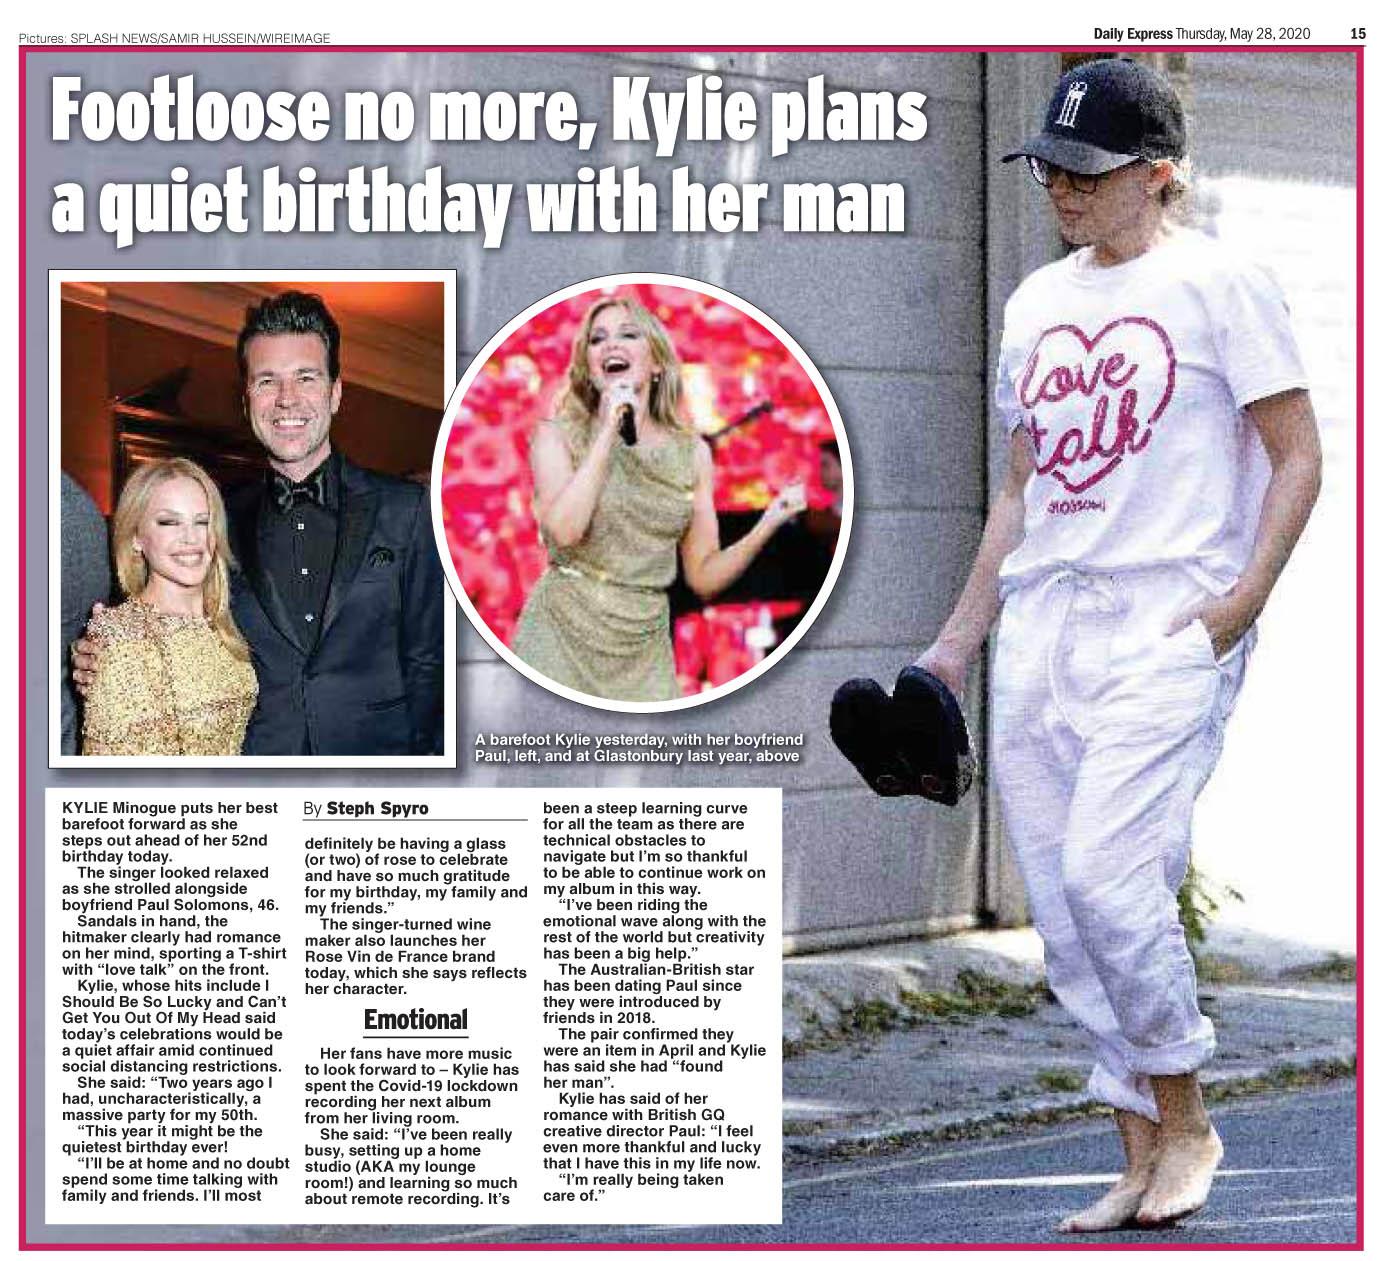 Daily Express - May 28 2020 Kylie.jpg